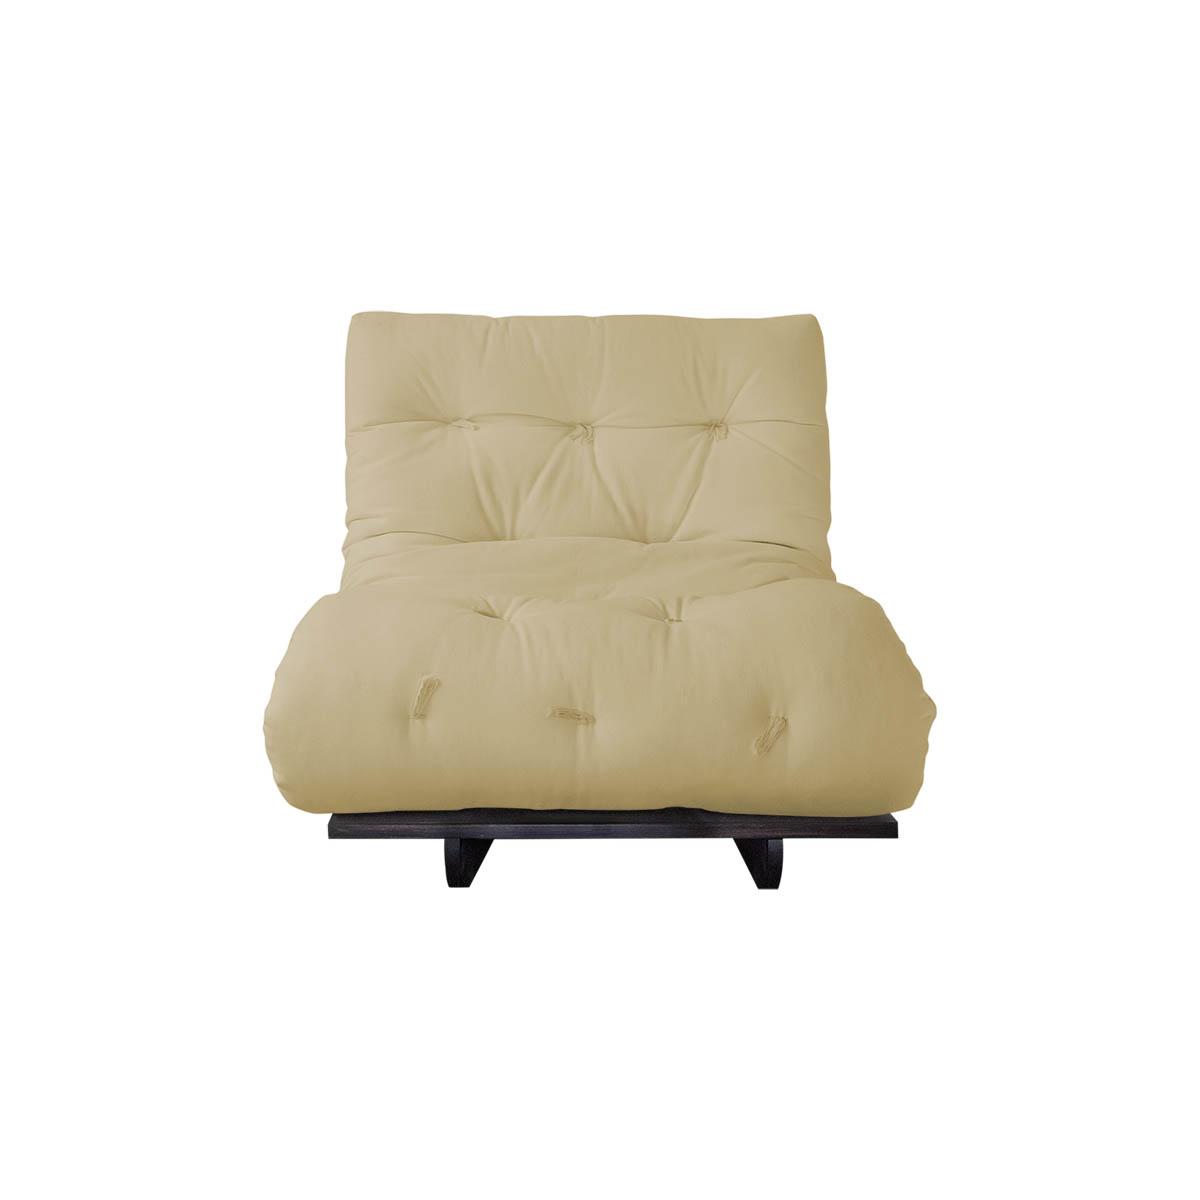 Sofa Cama De Madeira Futon Company